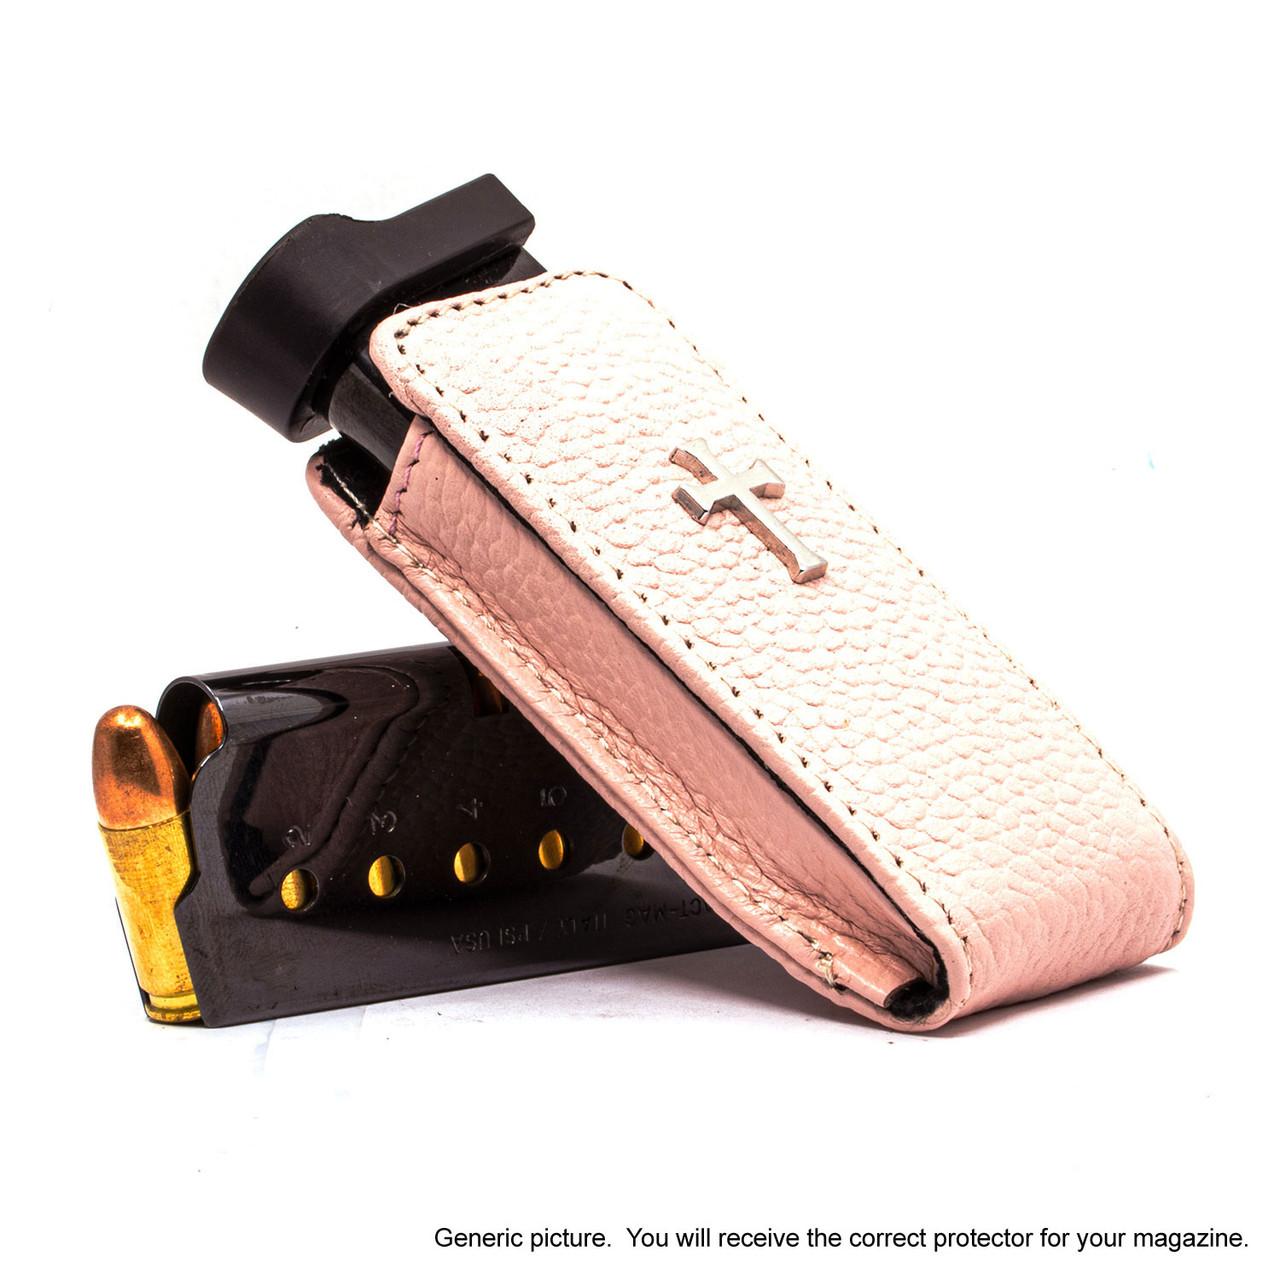 Kahr S9 Pink Carry Faithfully Cross Magazine Pocket Protector